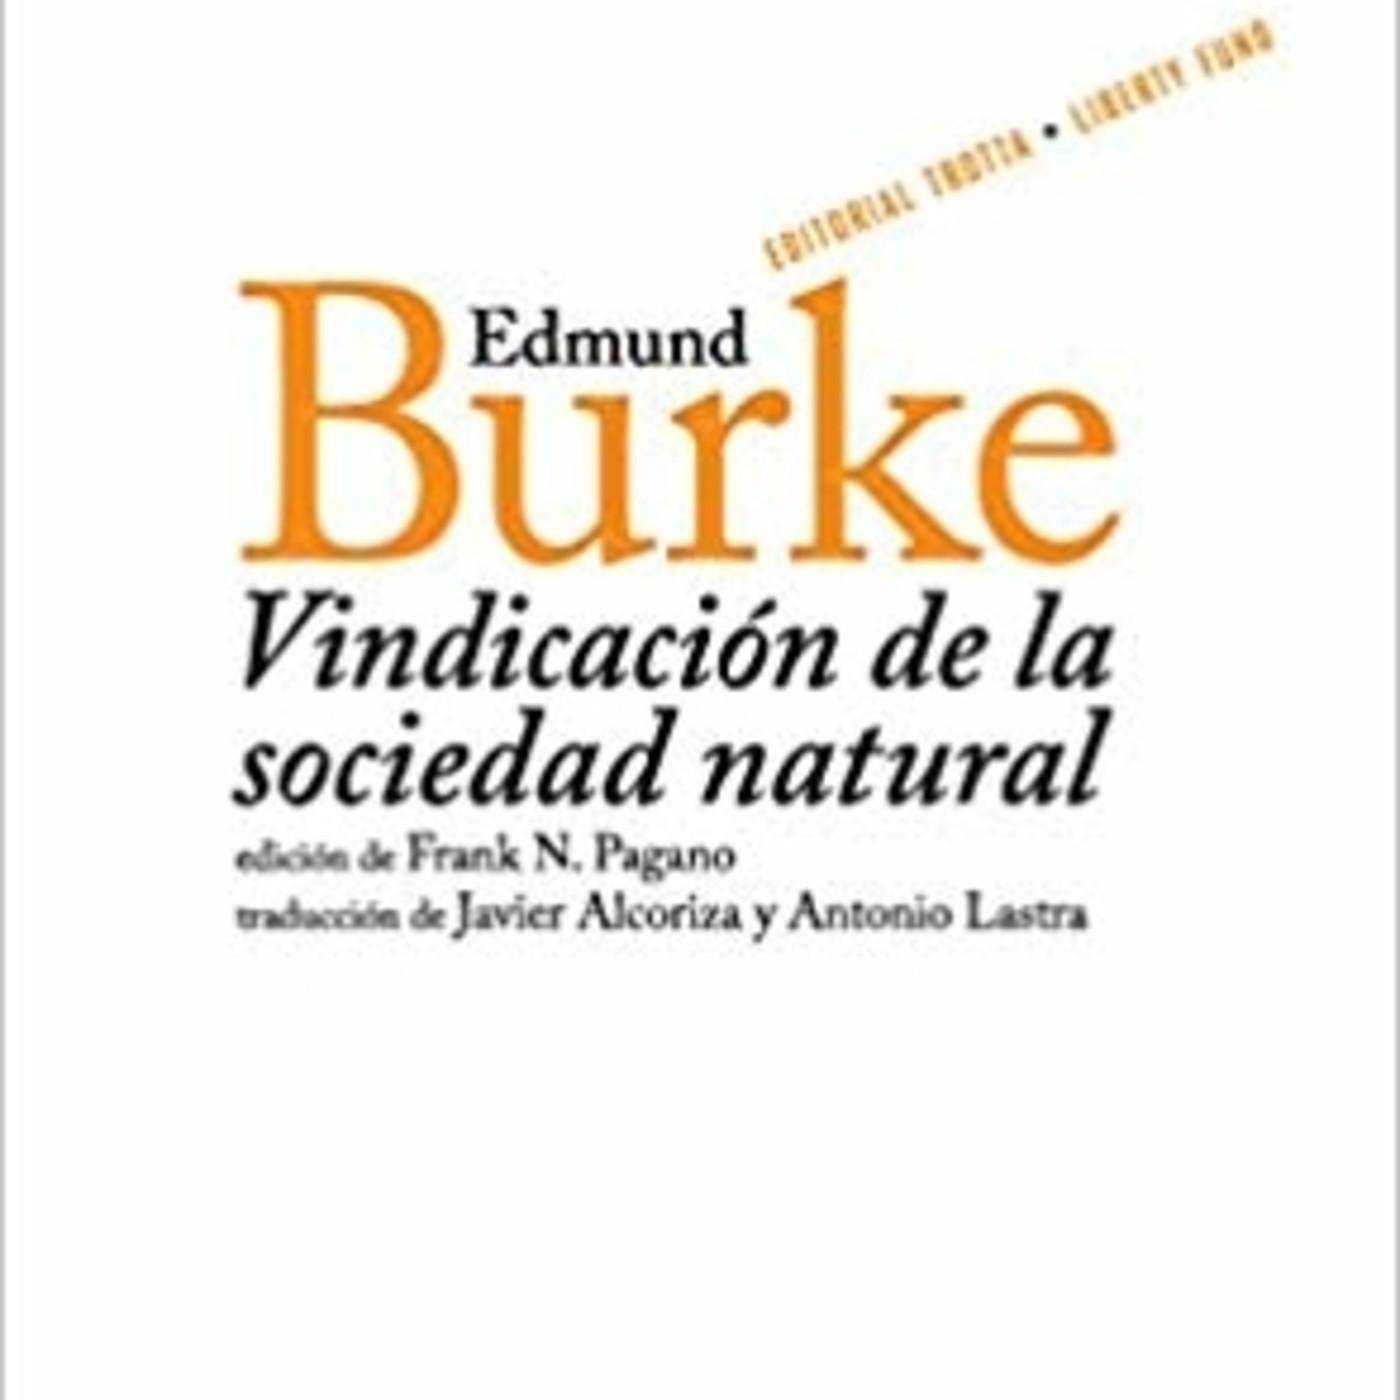 Guerras y matanzas antiguas - Burke 1756